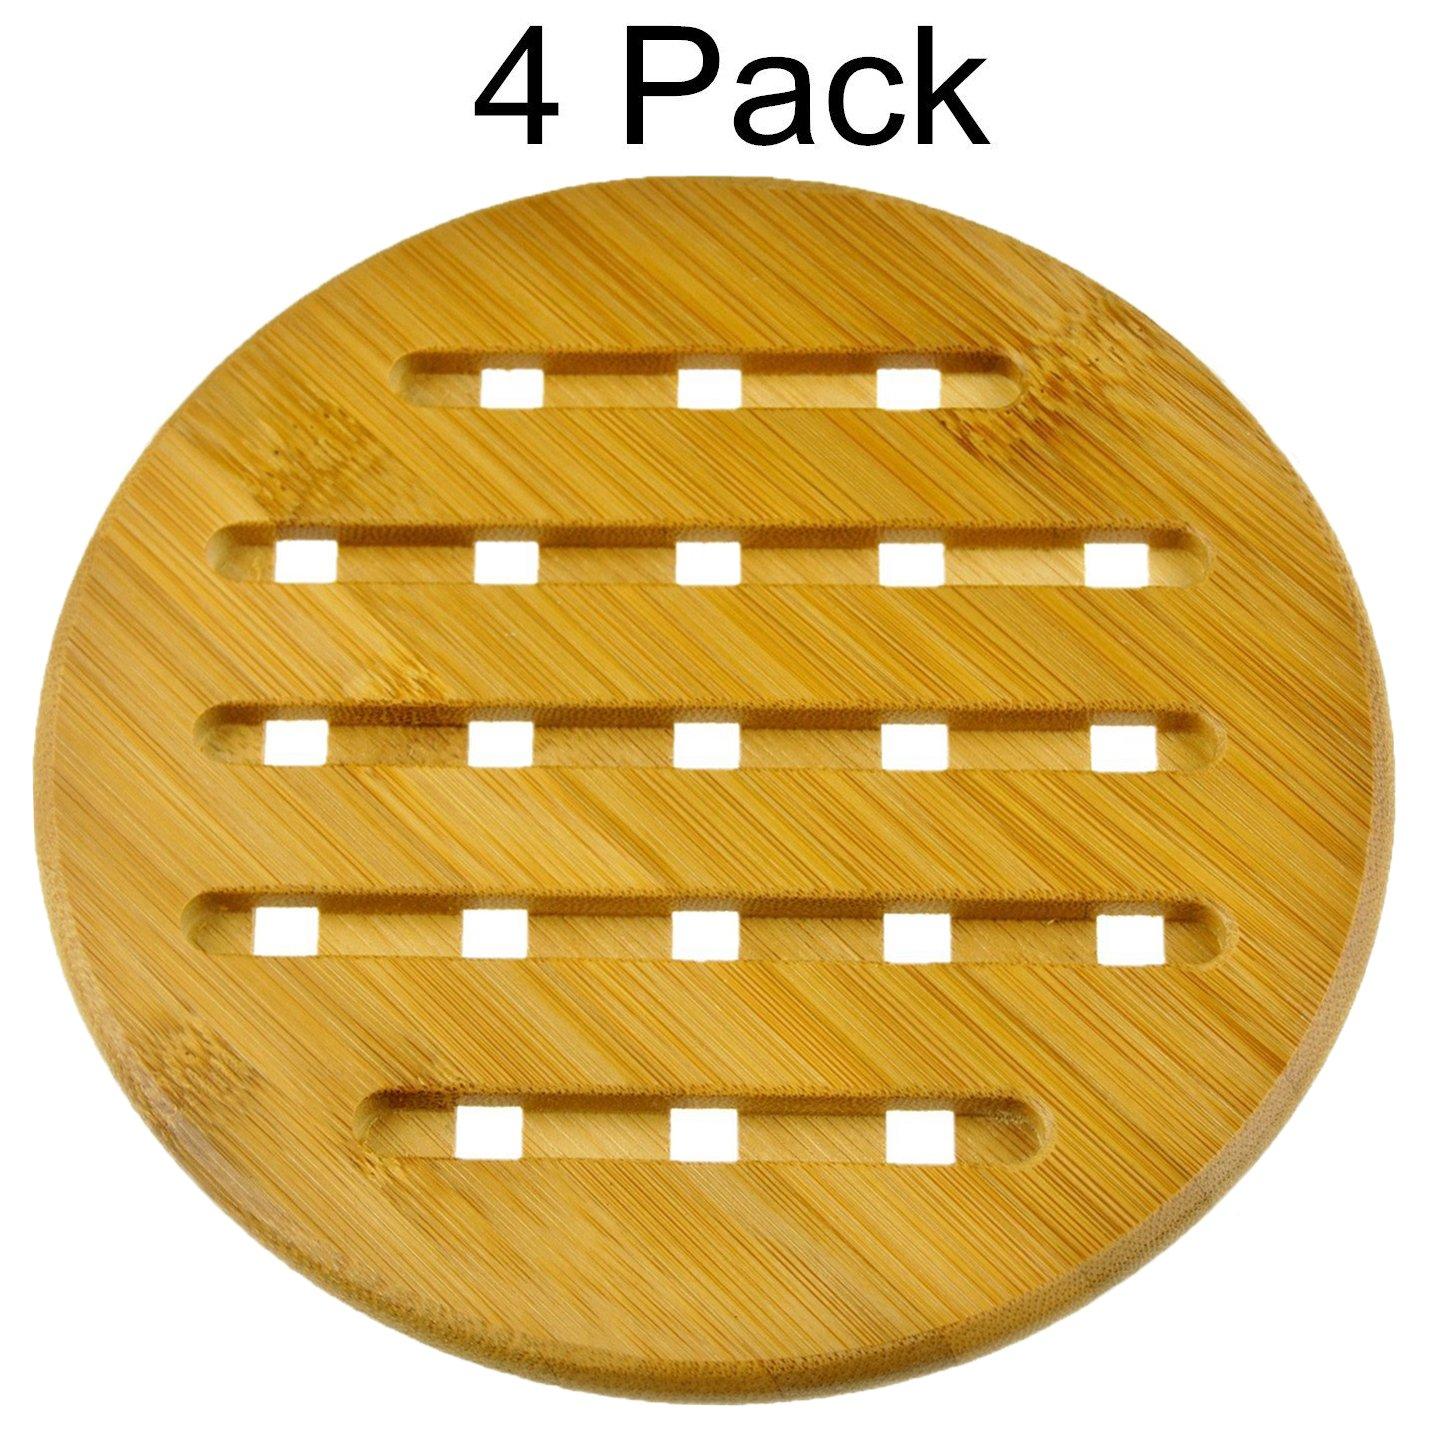 MelonBoat 4 Pack Bamboo Trivet Mat Set, Heavy Duty Hot Pot Holder Pads, 7